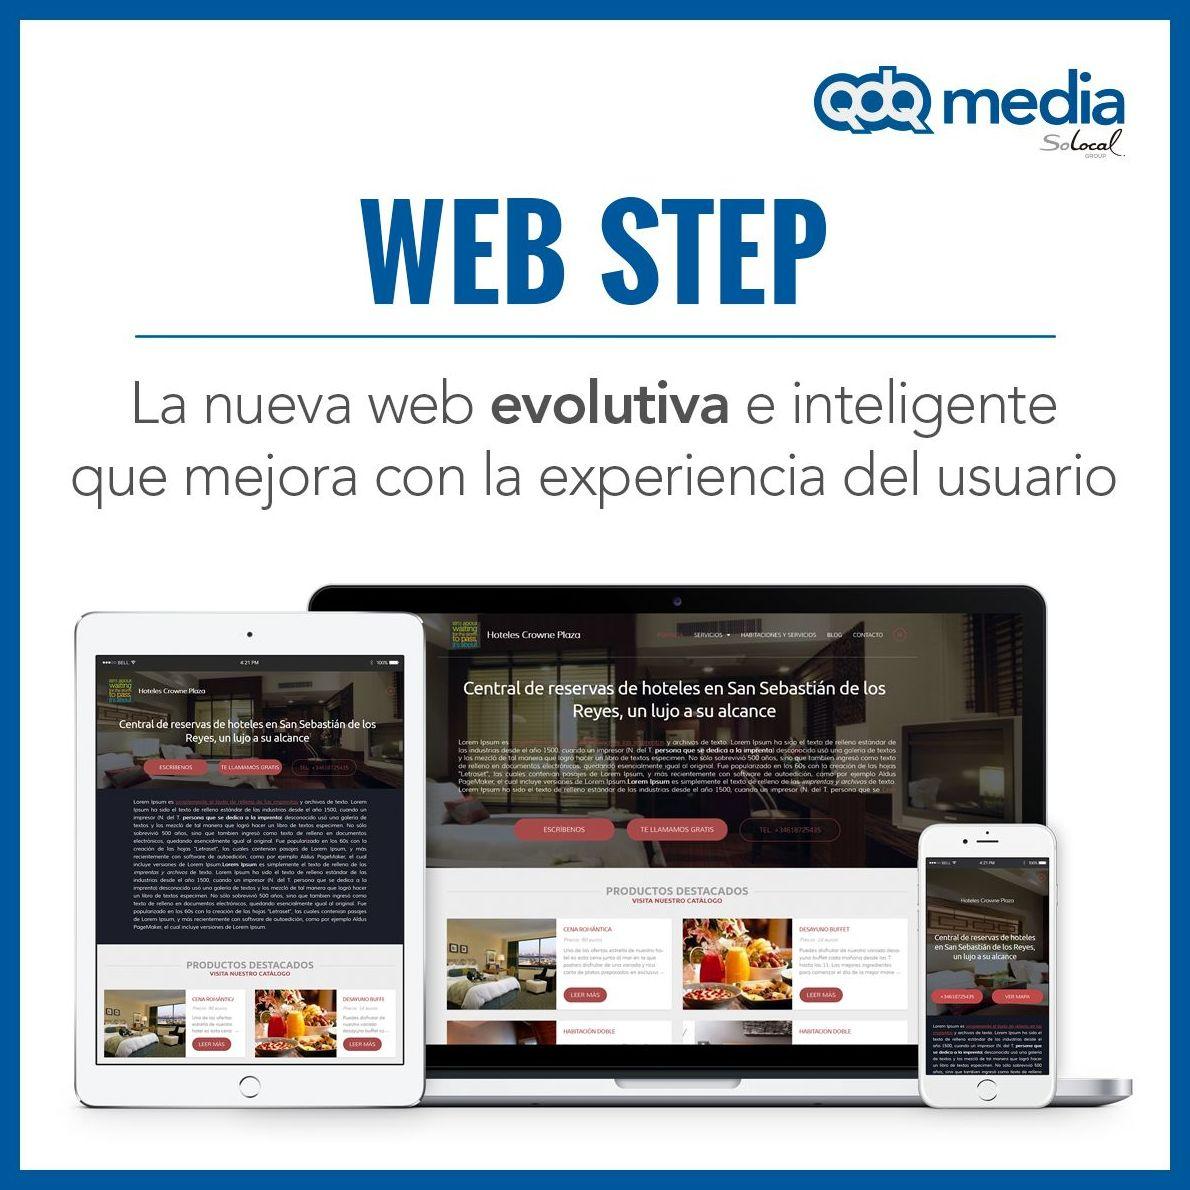 Foto 33 de Diseño de páginas web en Madrid | QDQ media